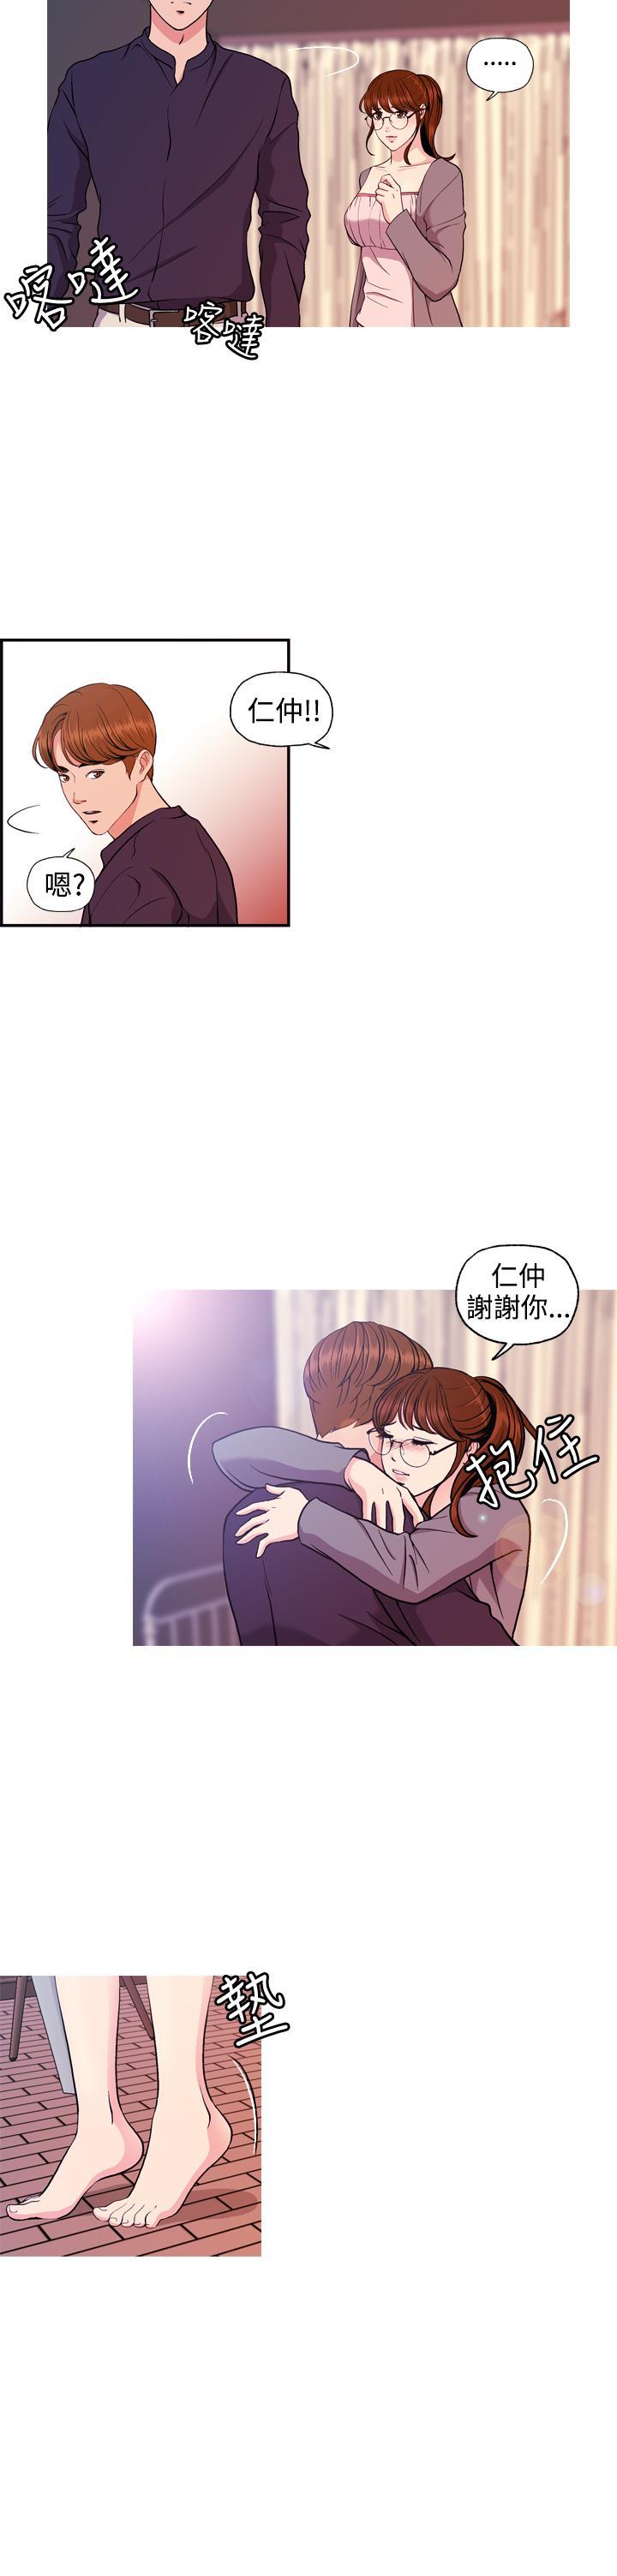 [洪班長] 淫stagram Ch.6~7 [Chinese]中文 41